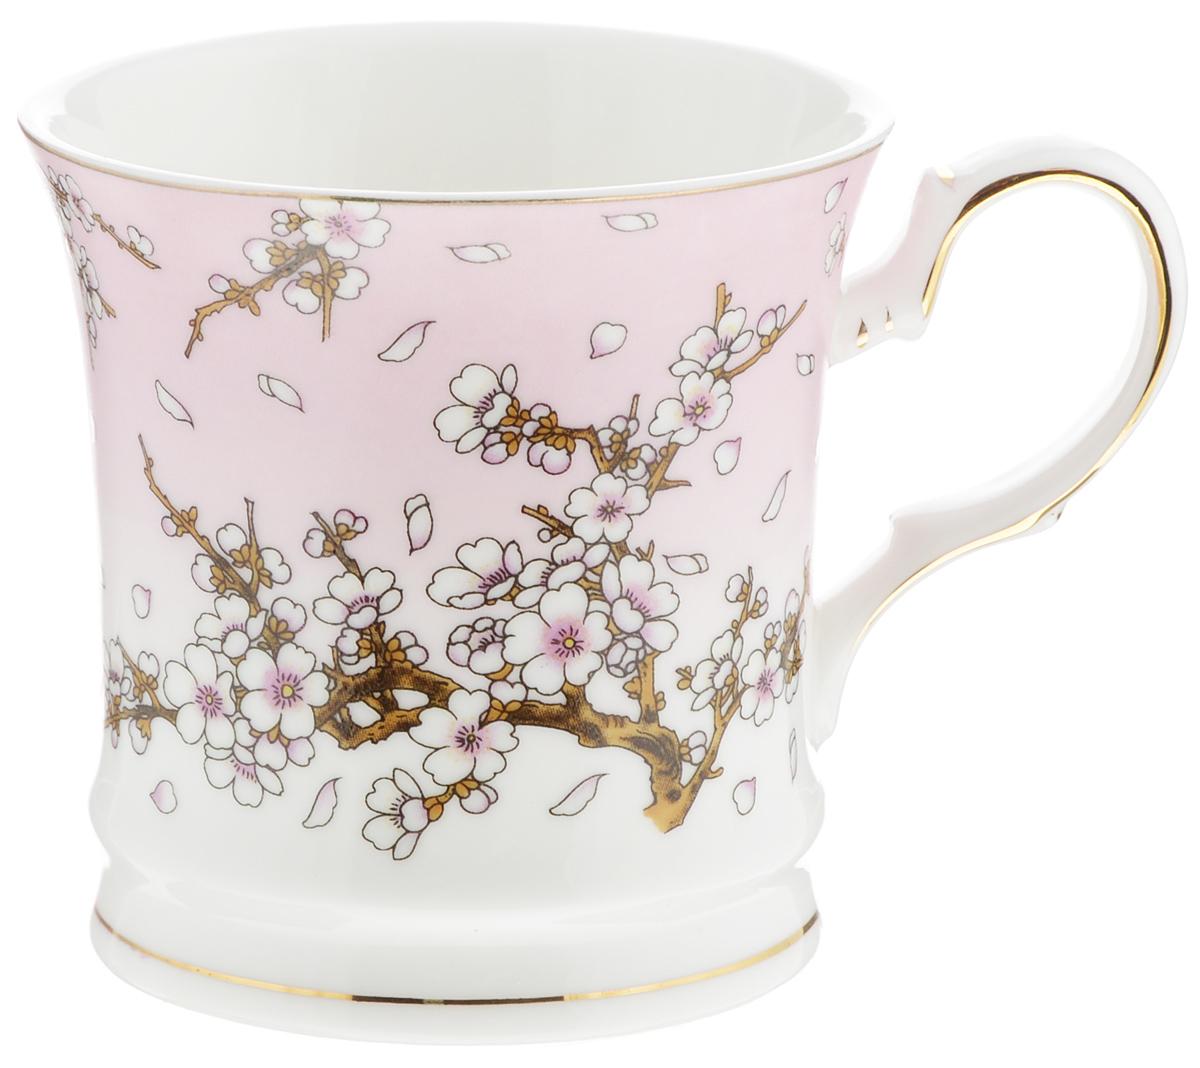 Кружка Elan Gallery Сакура на розовом, 170 мл115610Кружка Elan Gallery Сакура на розовом изготовлена из керамики и украшена стильным цветочным рисунком. Изгиб ручки и основание подчеркнуты золотистой каймой. Кружка станет оригинальным подарком!Диаметр кружки (по верхнему краю): 7,5 см.Высота: 7,5 см. Объем: 170 мл.